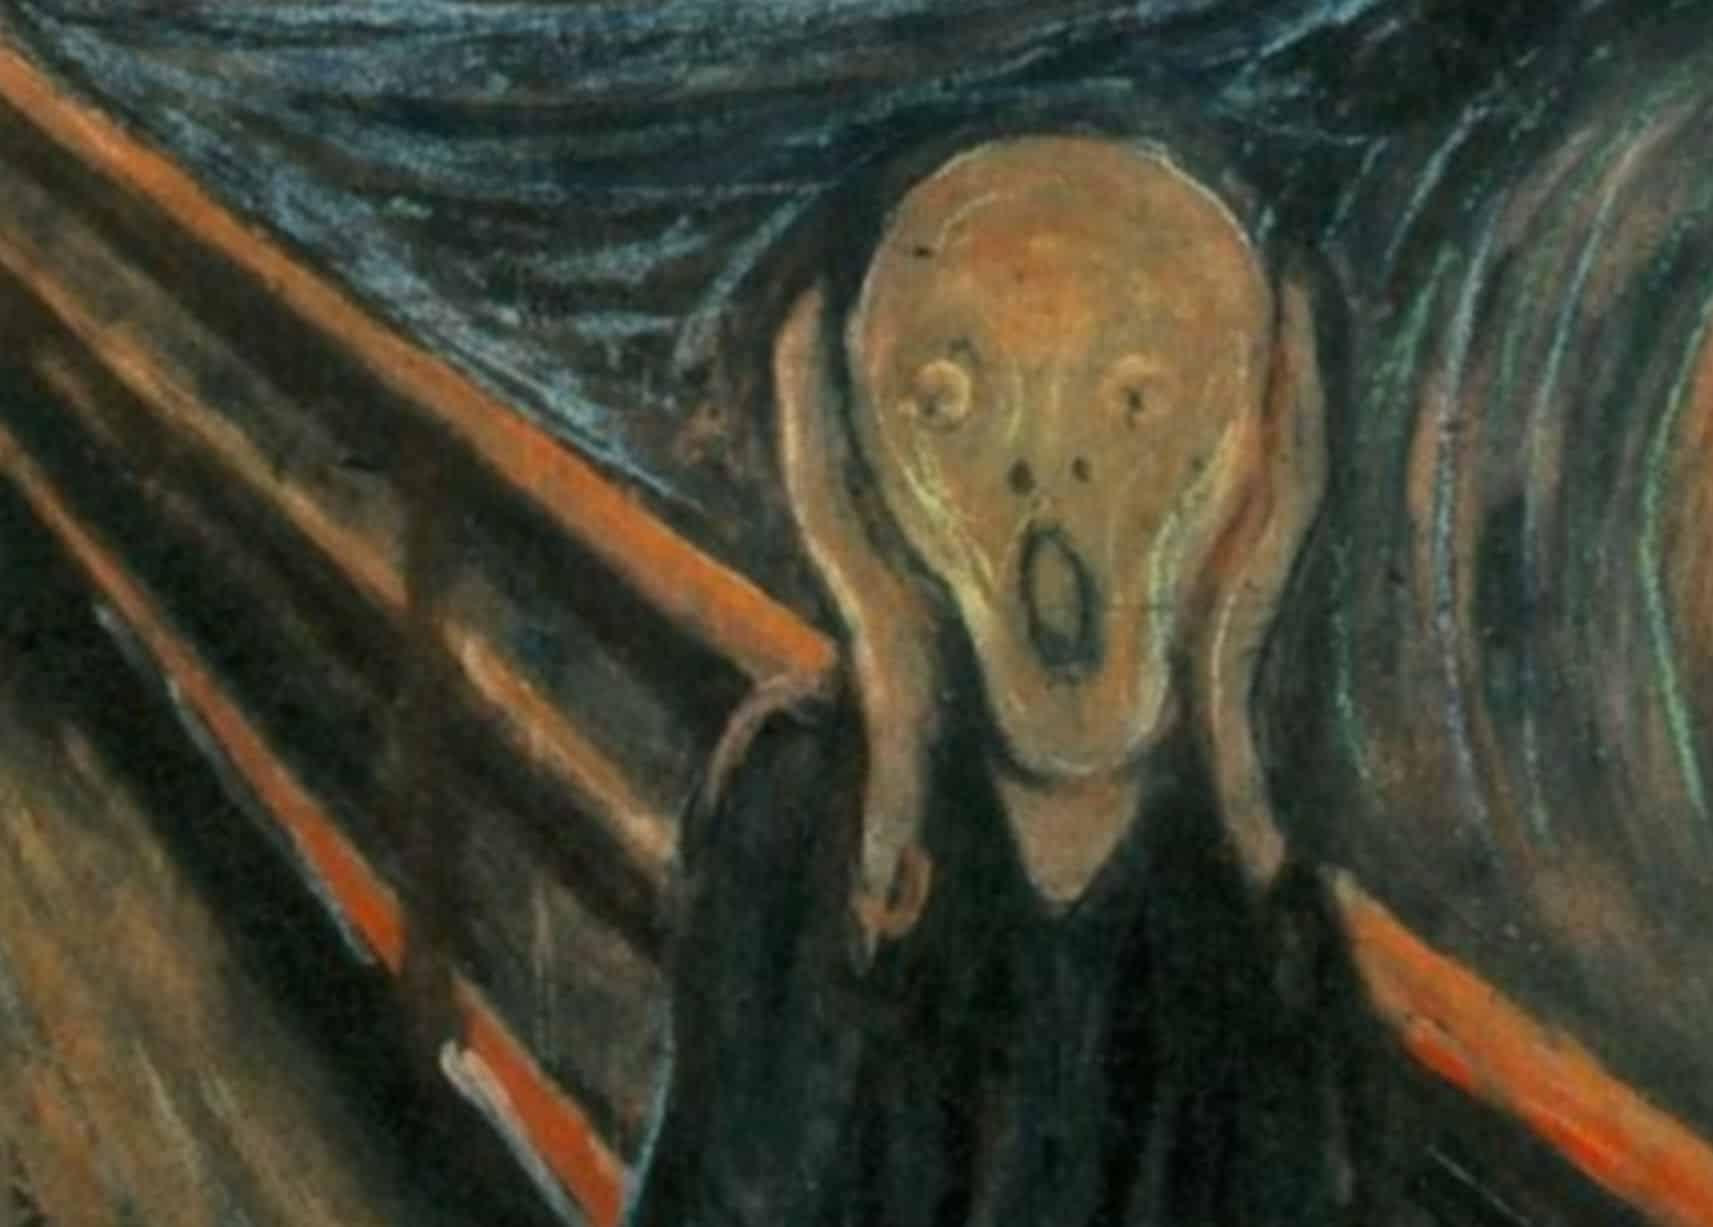 El miedo: una reacción emocional de angustia ante la percepción de una amenaza presente o futura